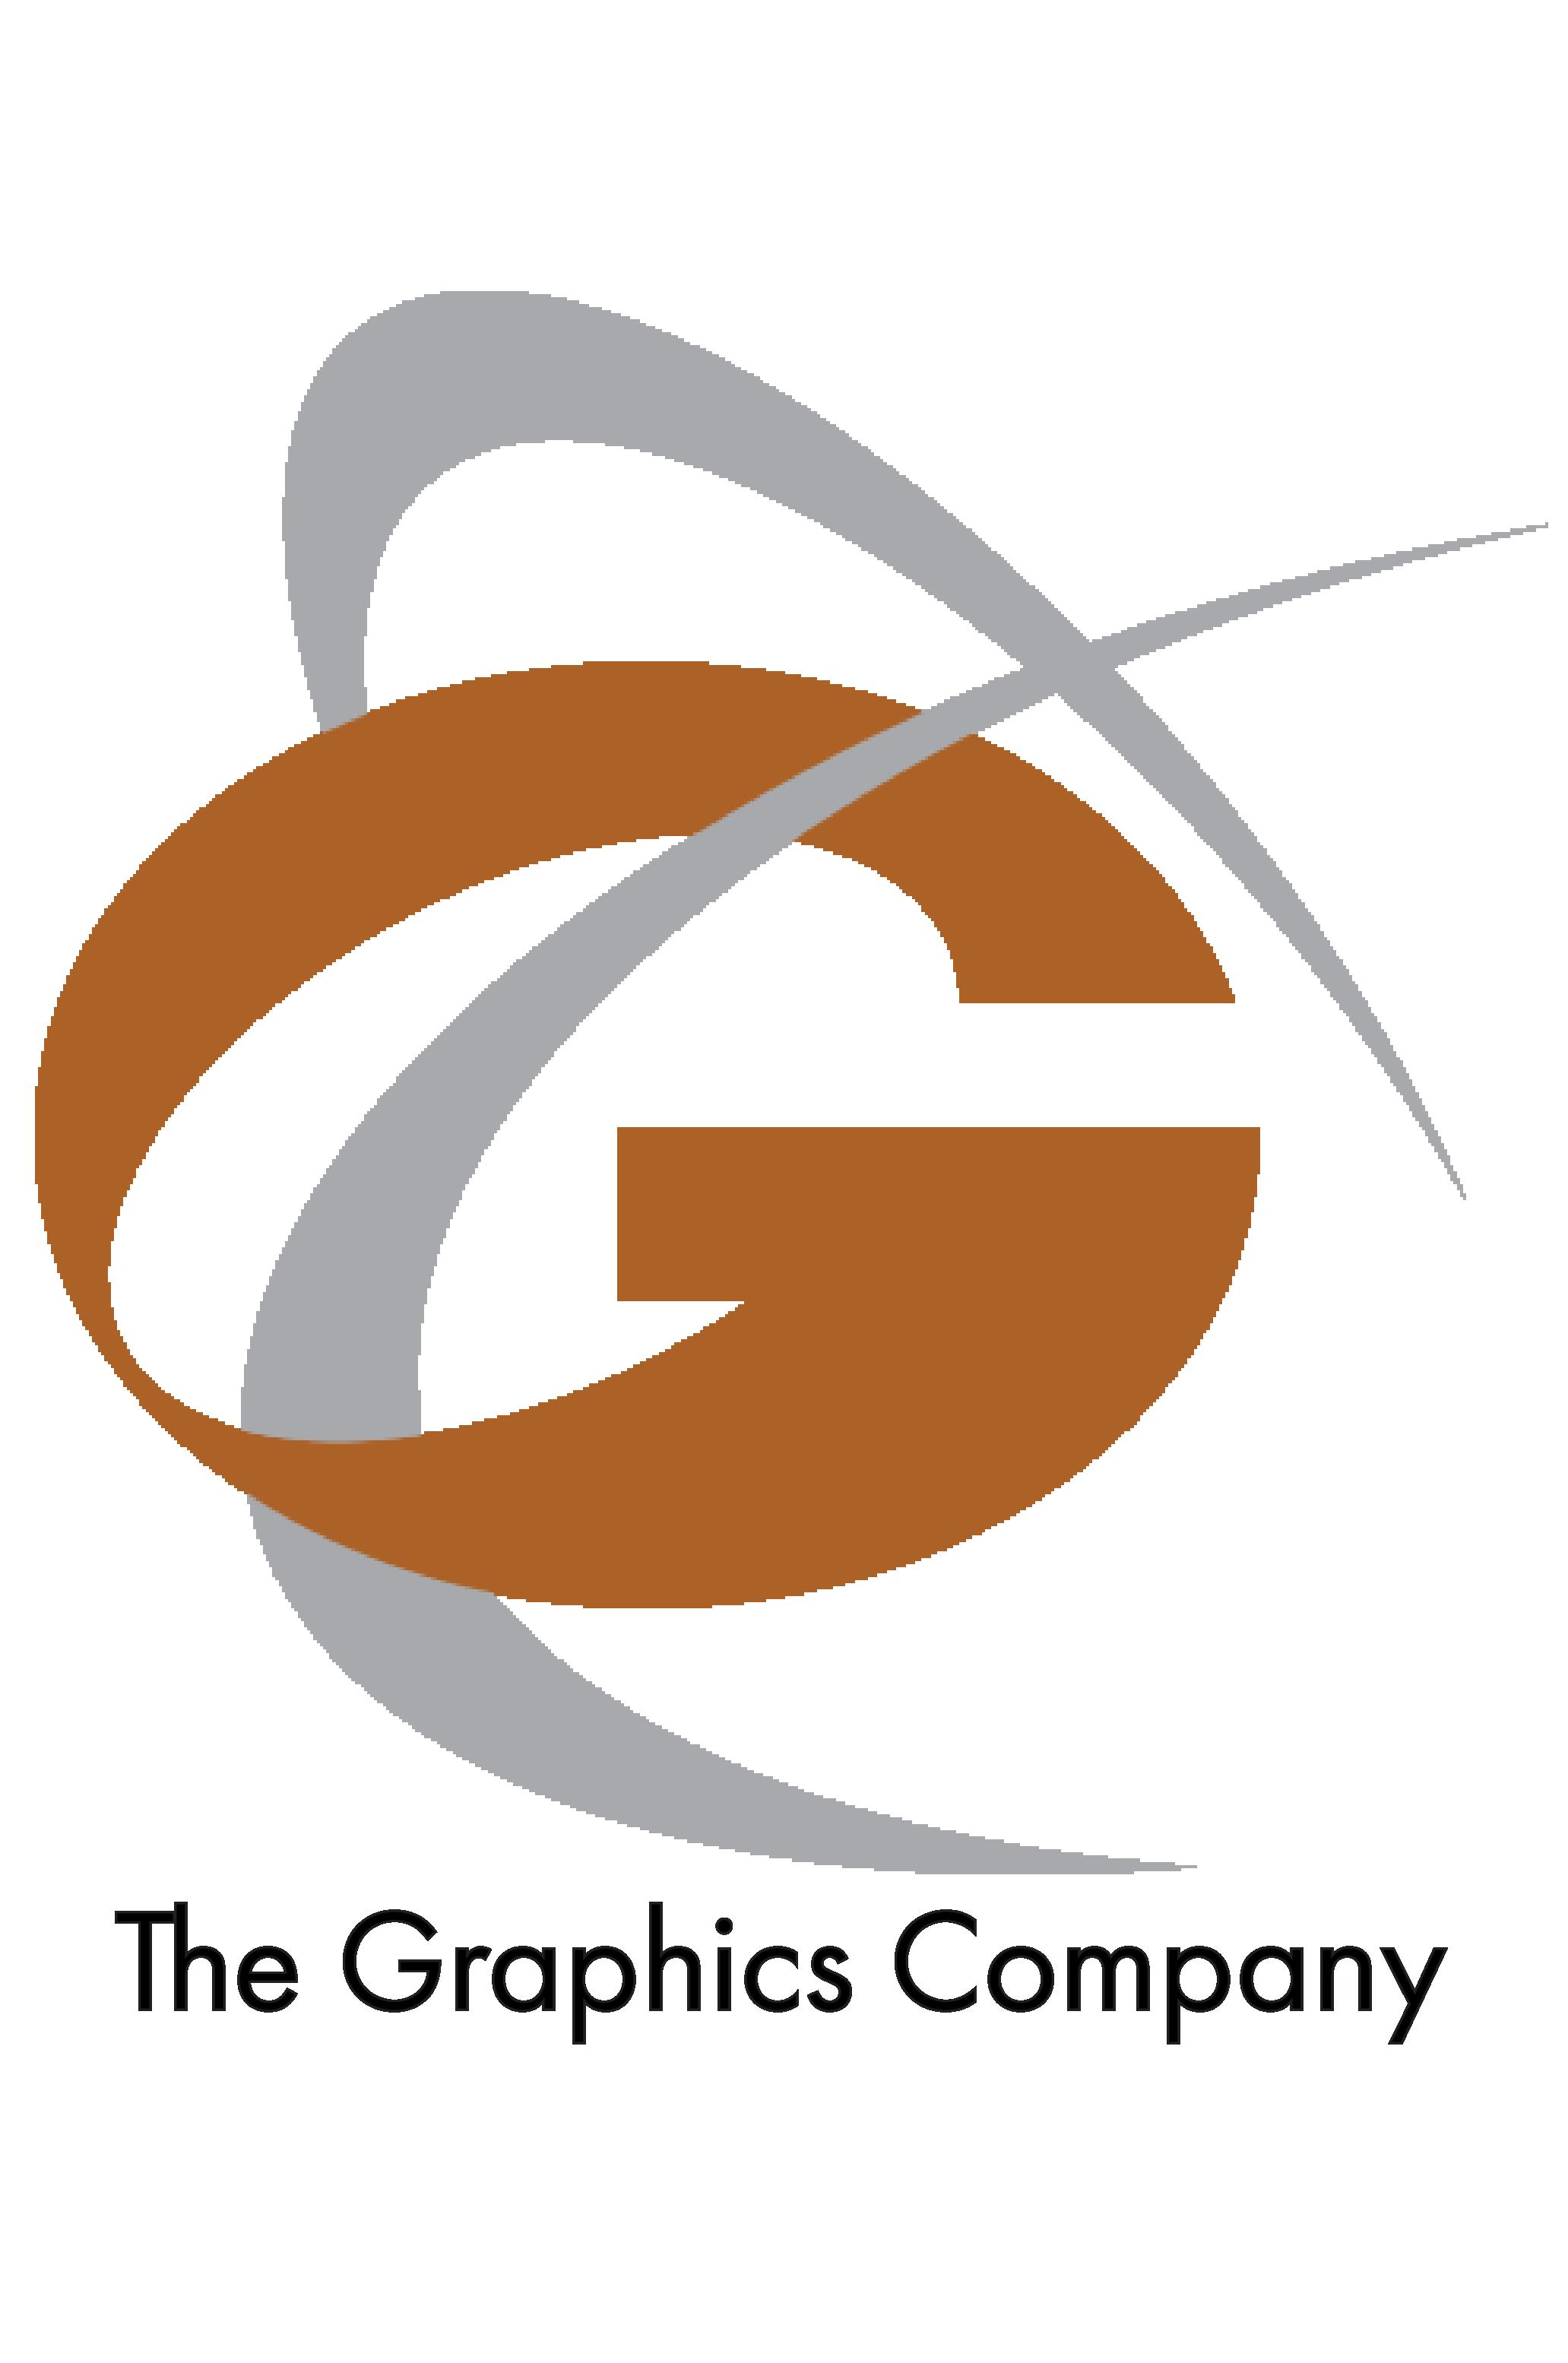 tgc logo final v2-01.png